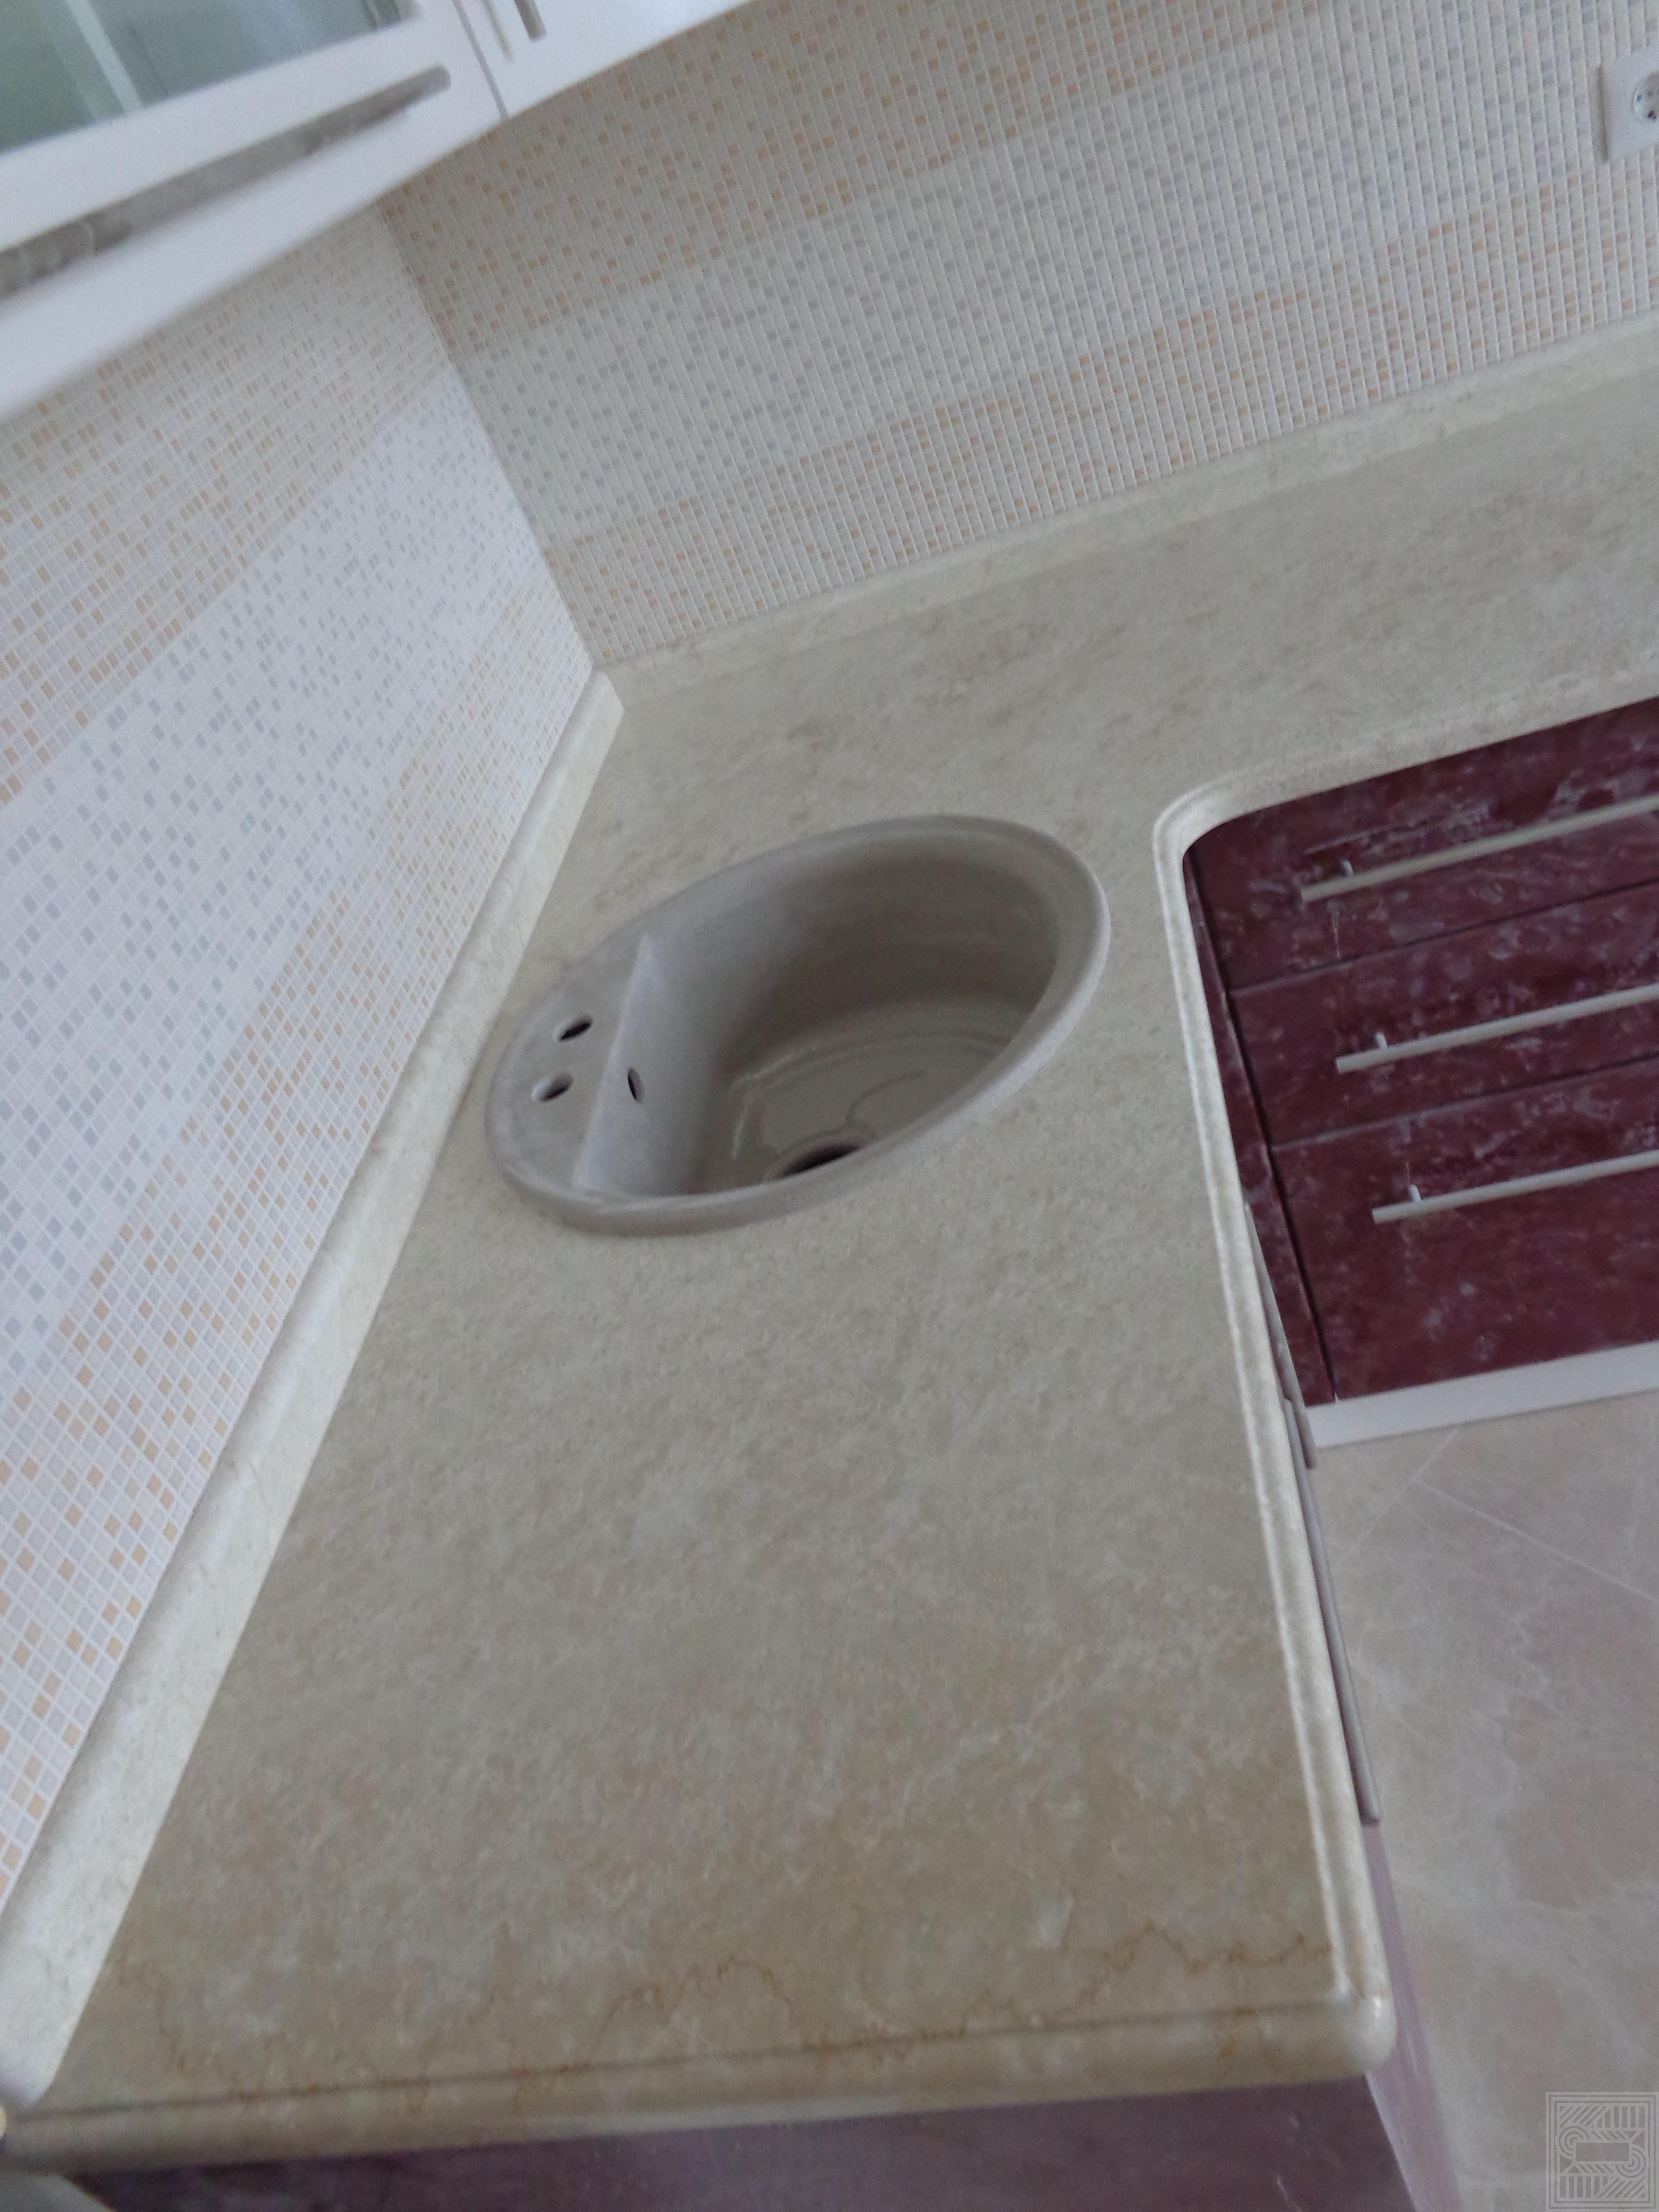 Столешница с плинтусом из мрамора Botticino Fiorito 30 мм worktop-marble - Stoleshnitsa iz mramora Botticino Fiorito 30 mm